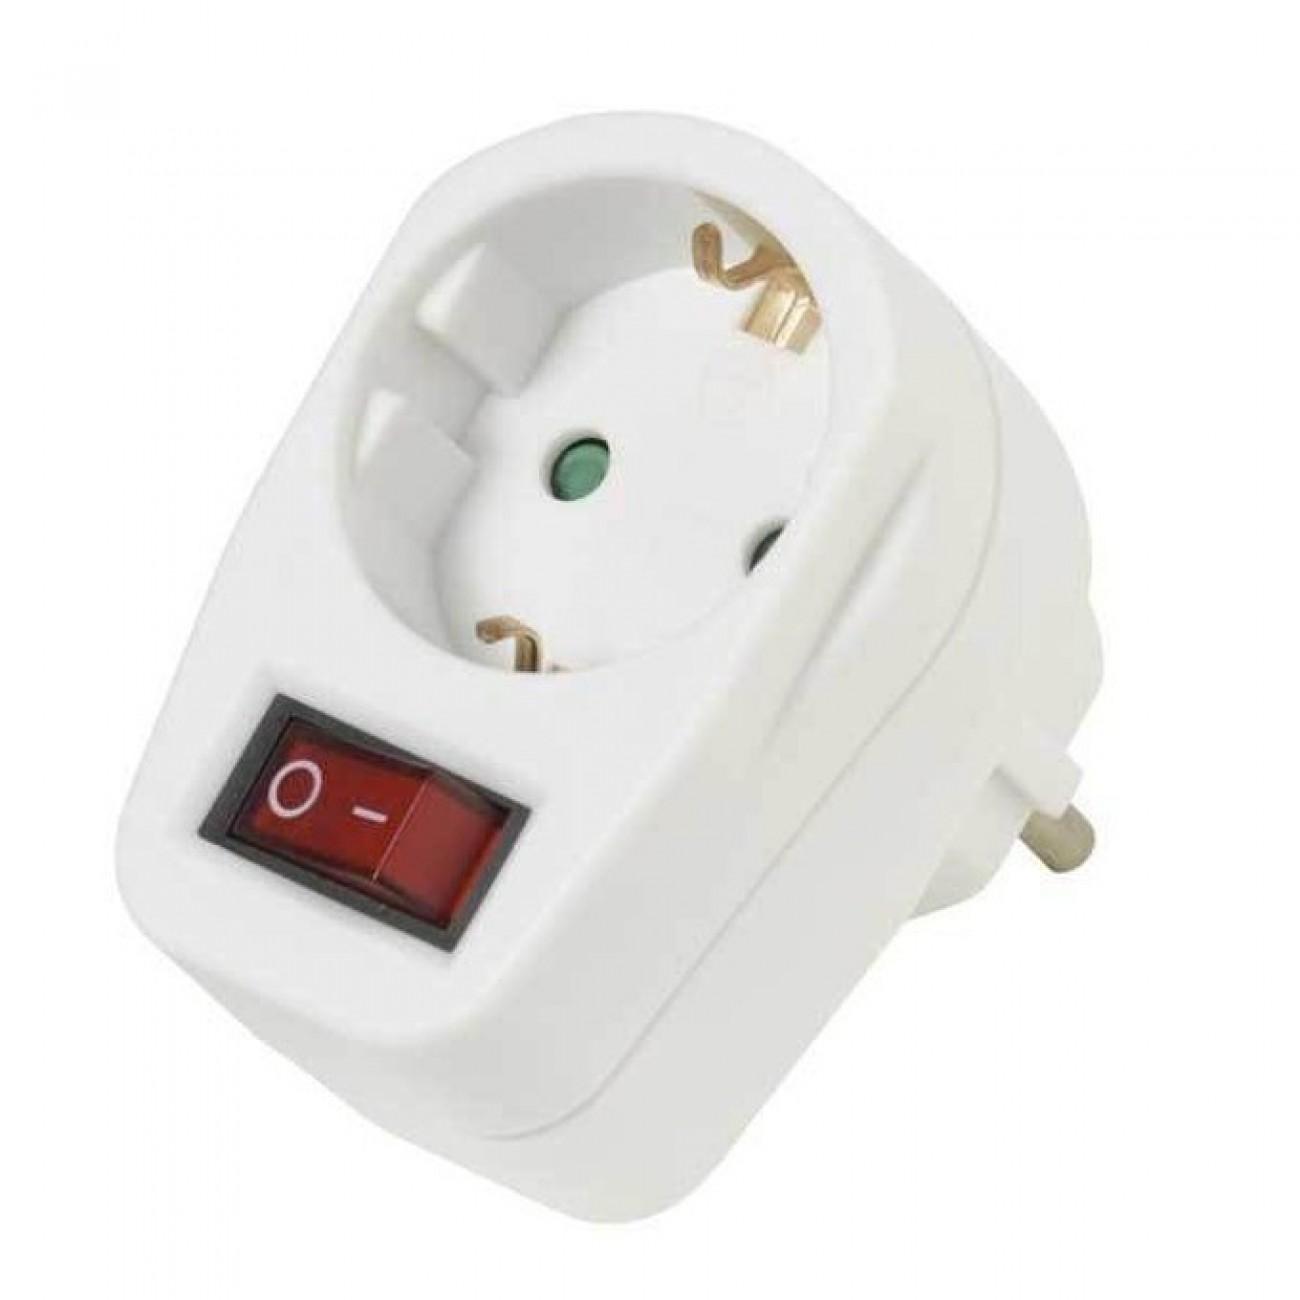 Адаптер Vivanco 22396, защита от деца, с ключ, бял в Разклонители -  | Alleop